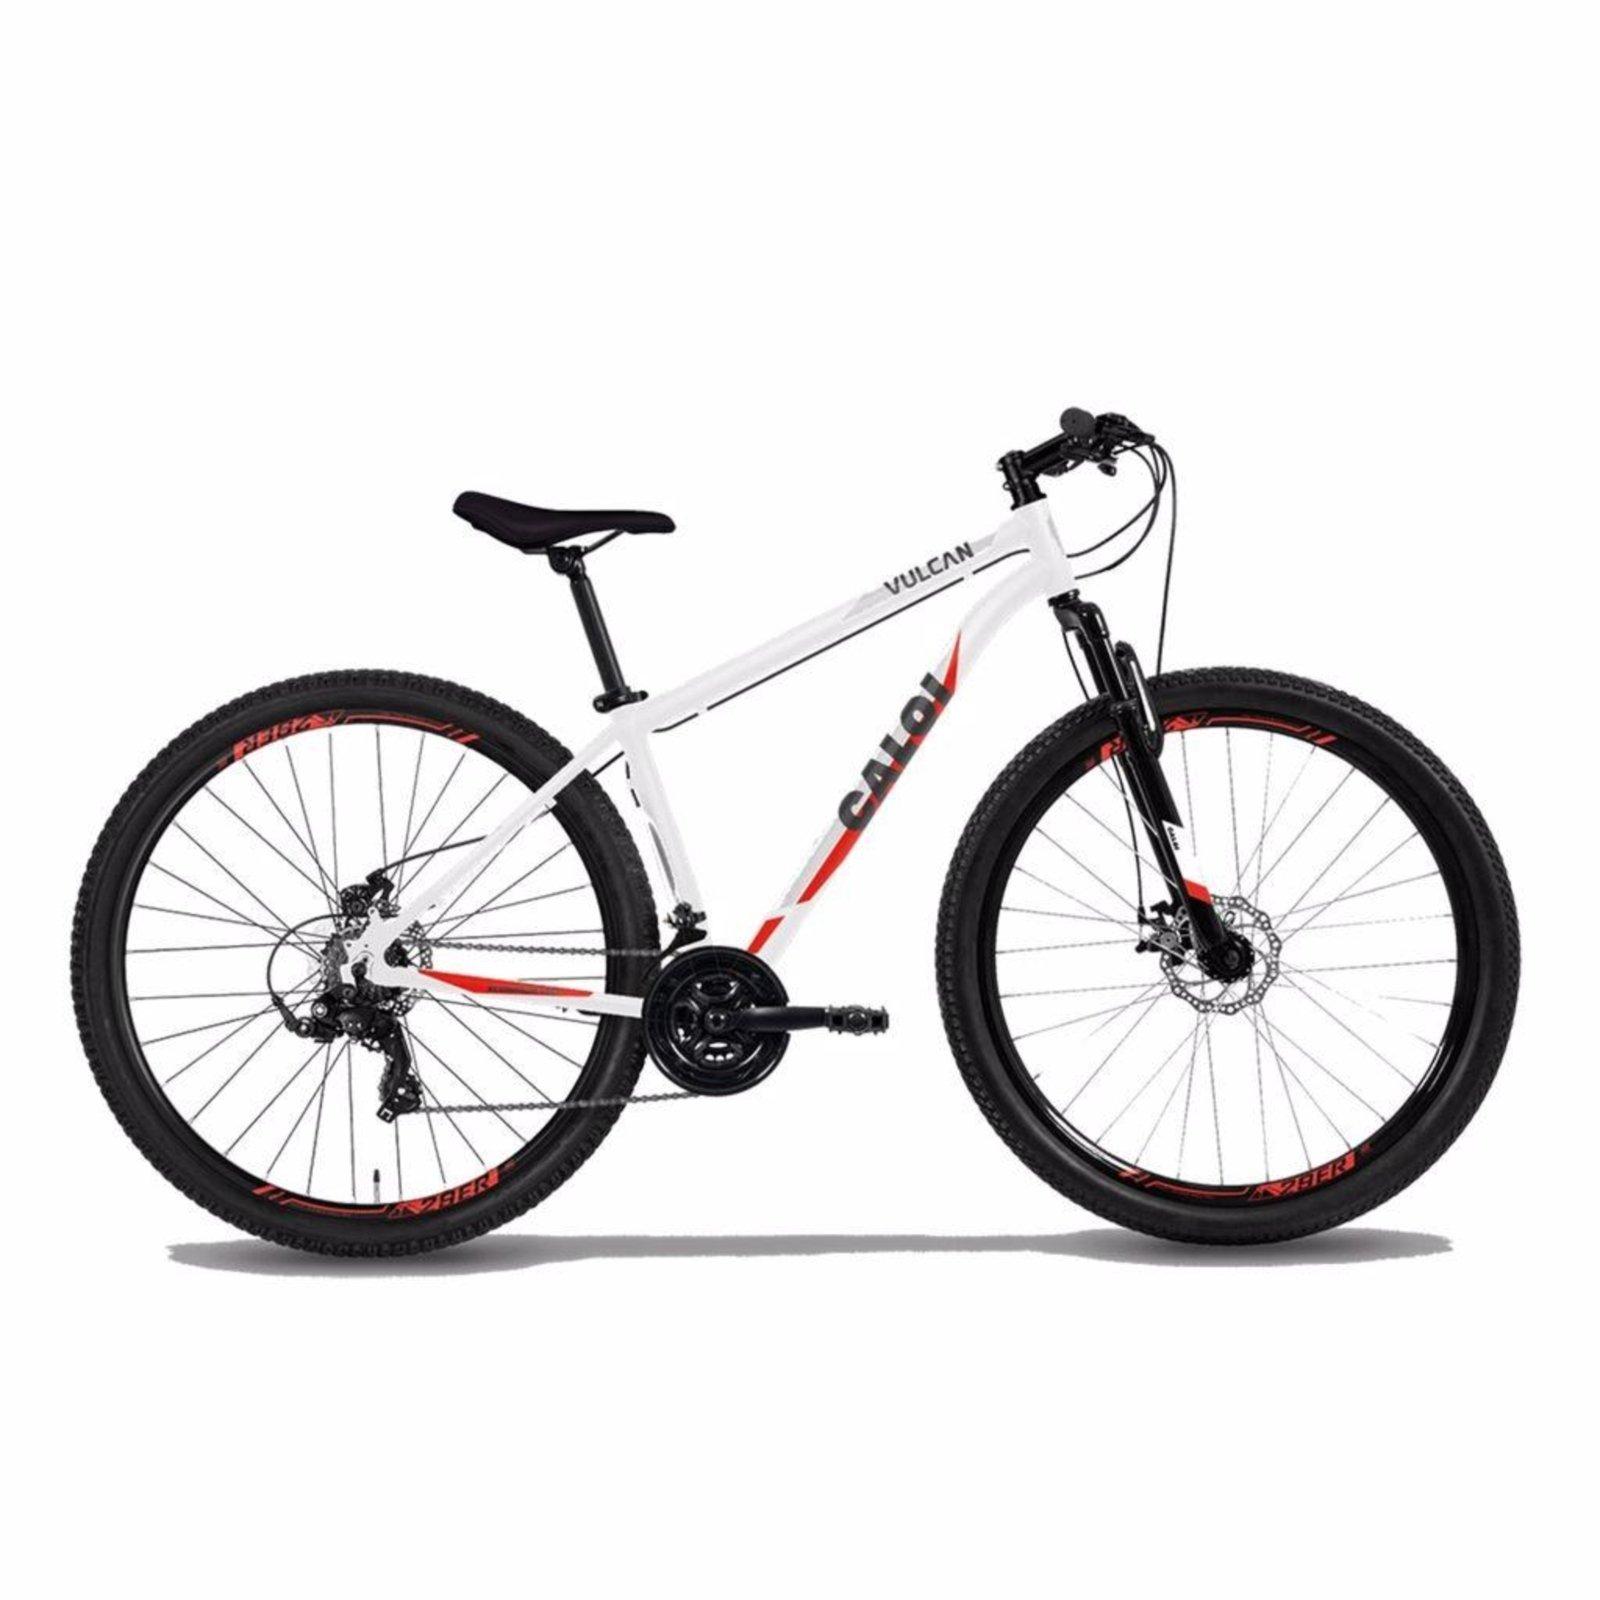 Bicicleta Caloi Vulcan Aro 29 Susp. Dianteira 21 Marchas - Branco